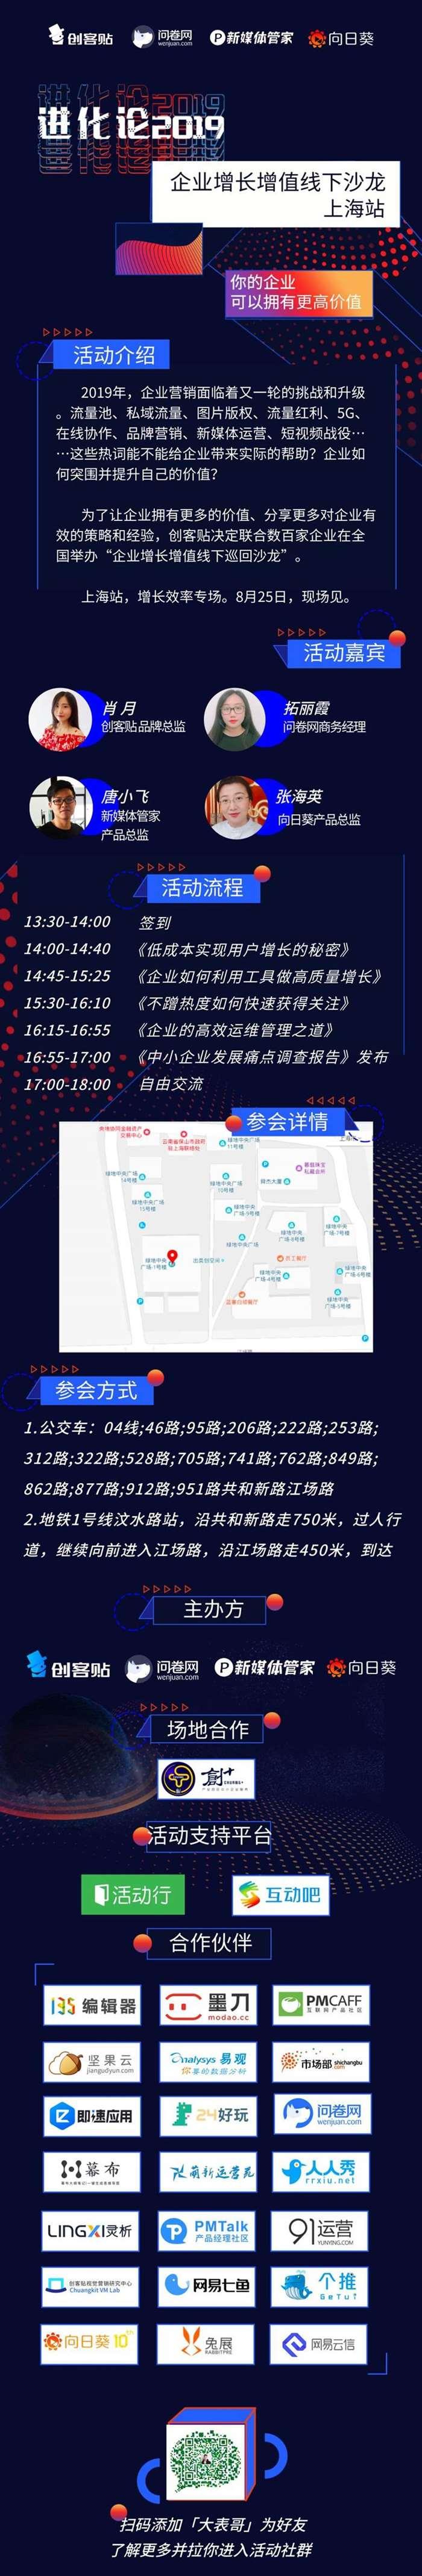 上海站_自定义px_2019.08.15 (1).jpg